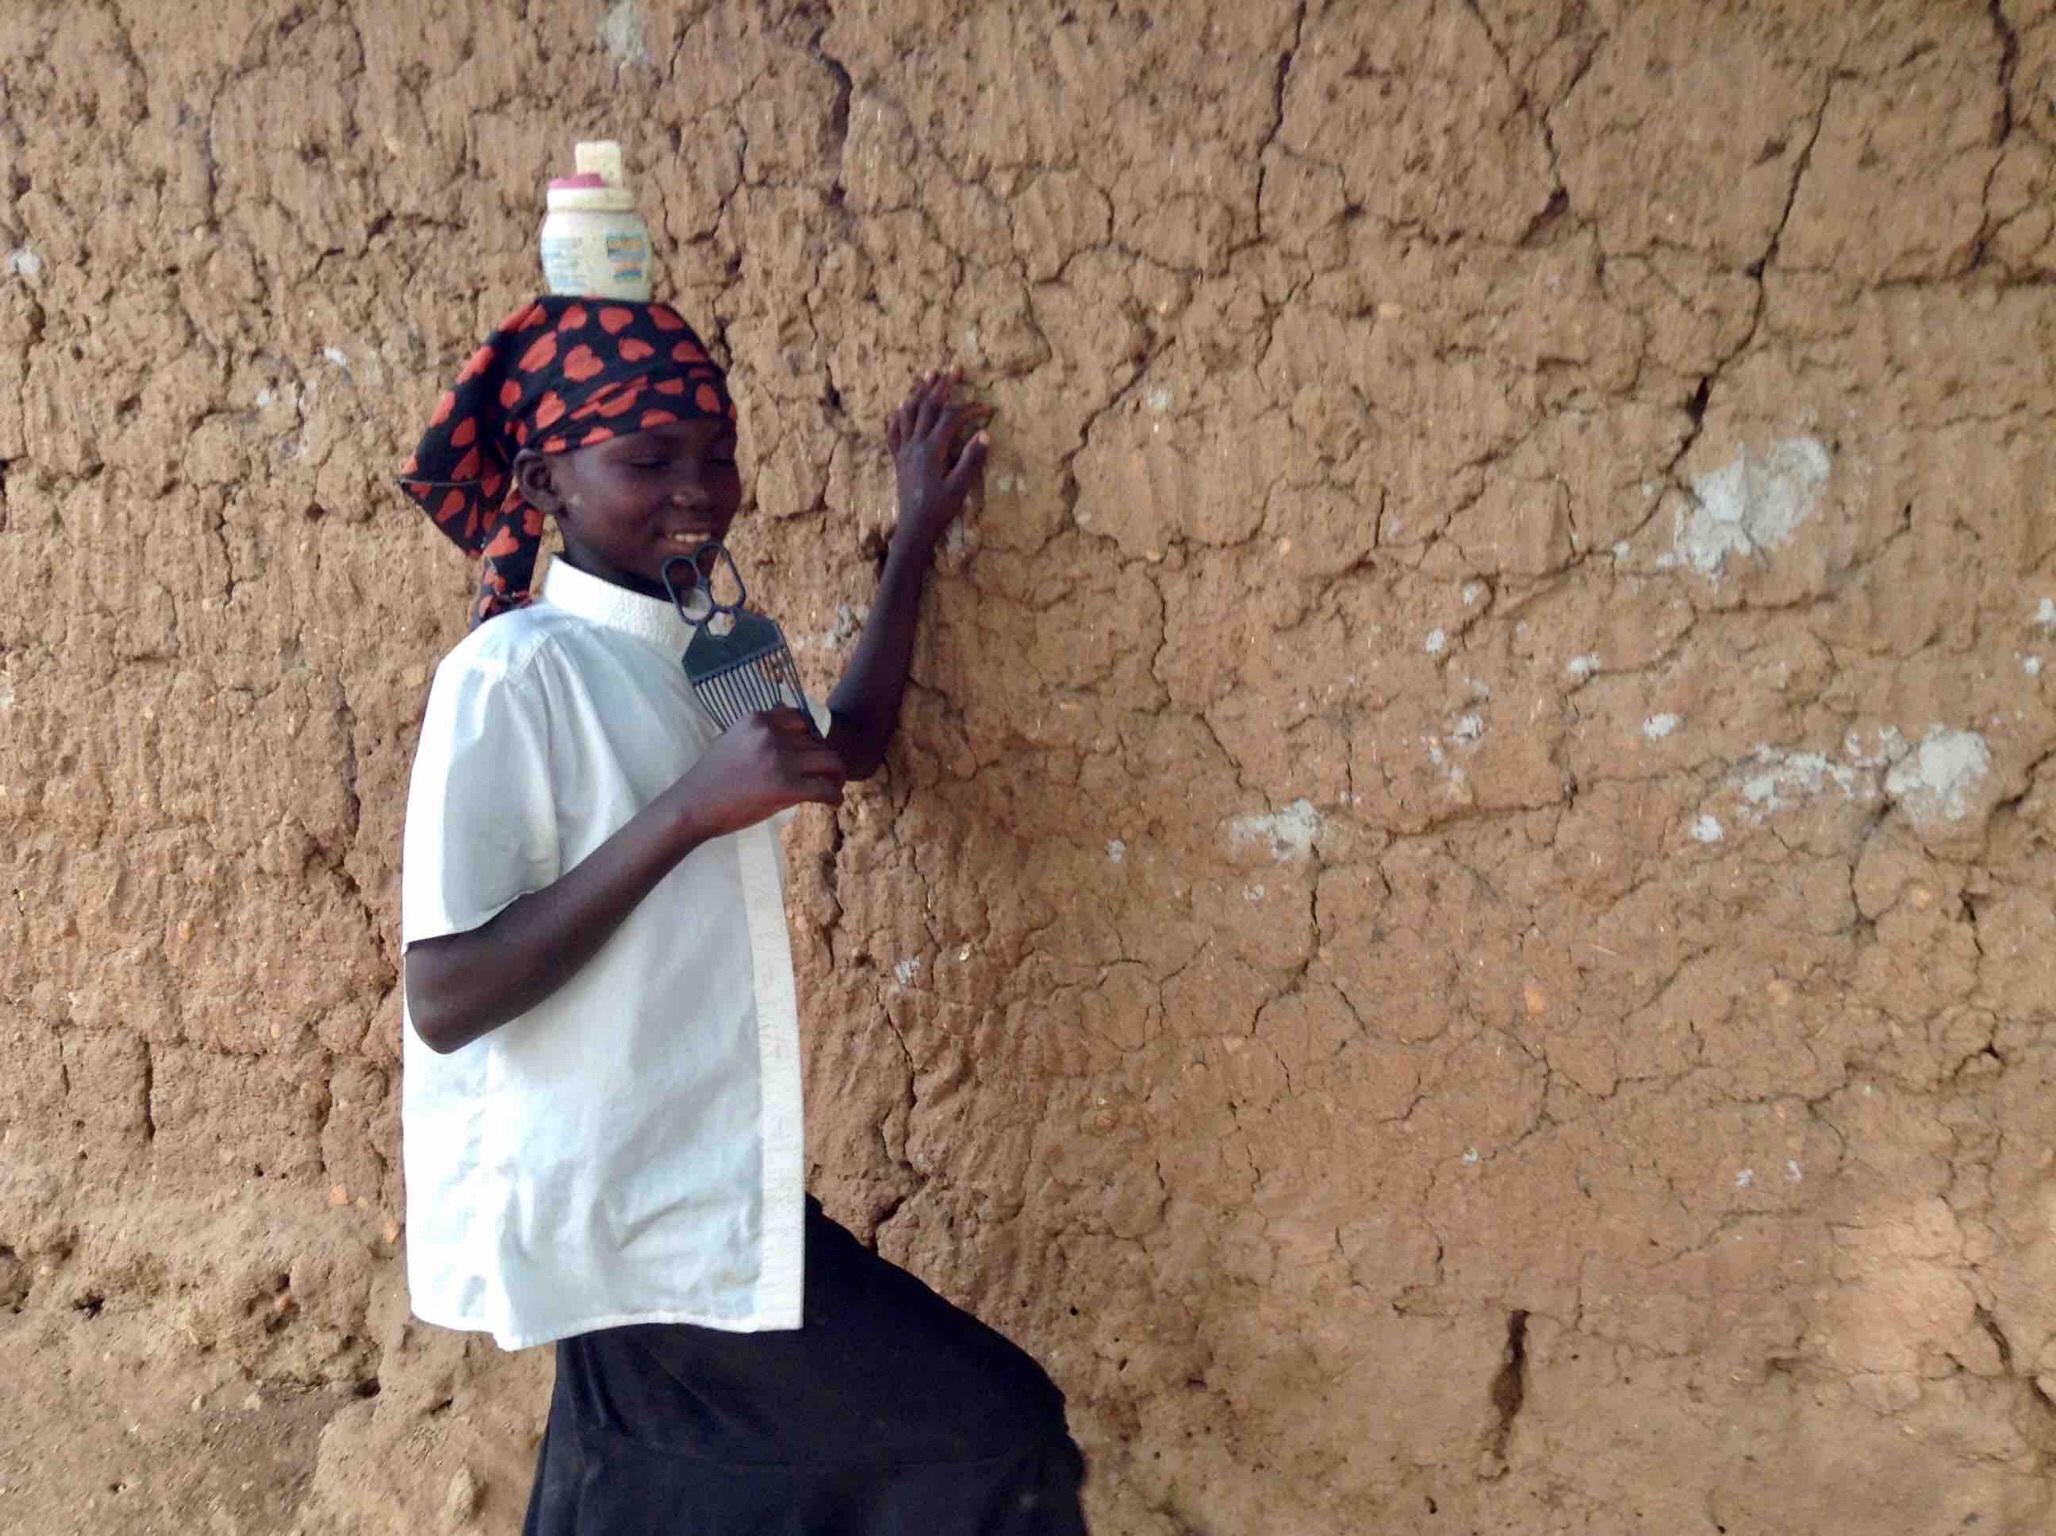 Eggon girl, Langa Langa Village, Nasarawa State, Nigeria #JujuFilms